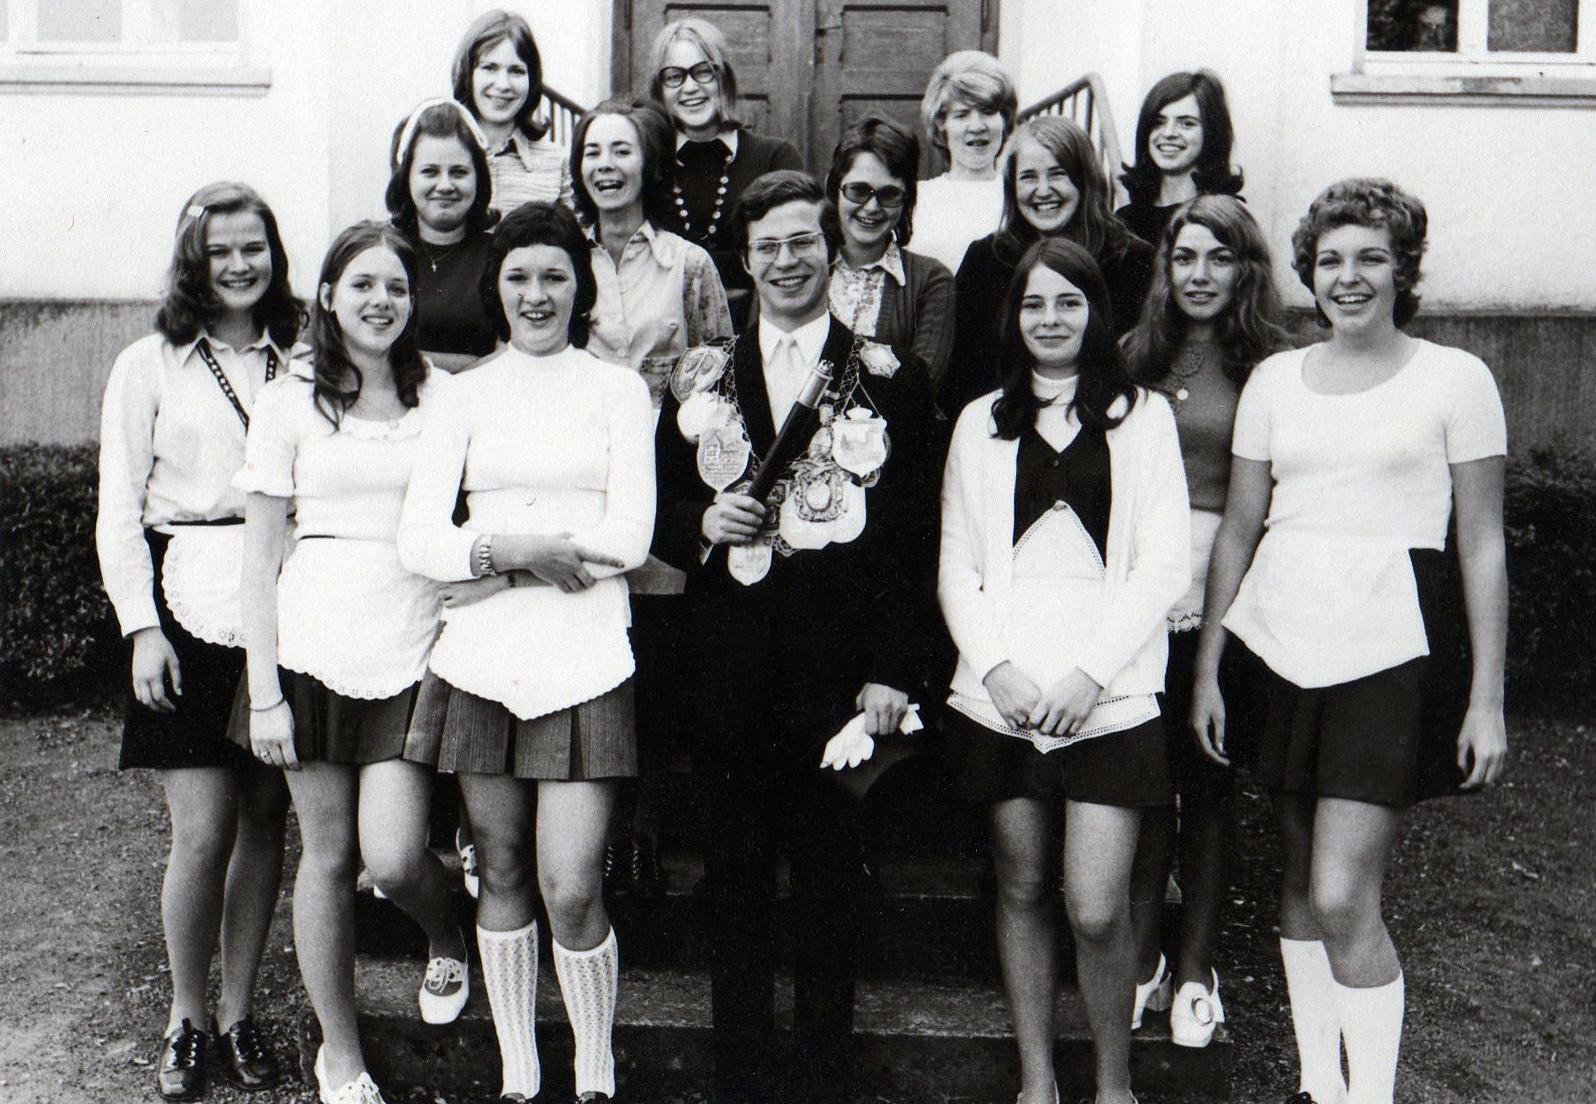 Brötchesmädchen 1971: König:Heinz Schütz Foto:Dominik Knieps